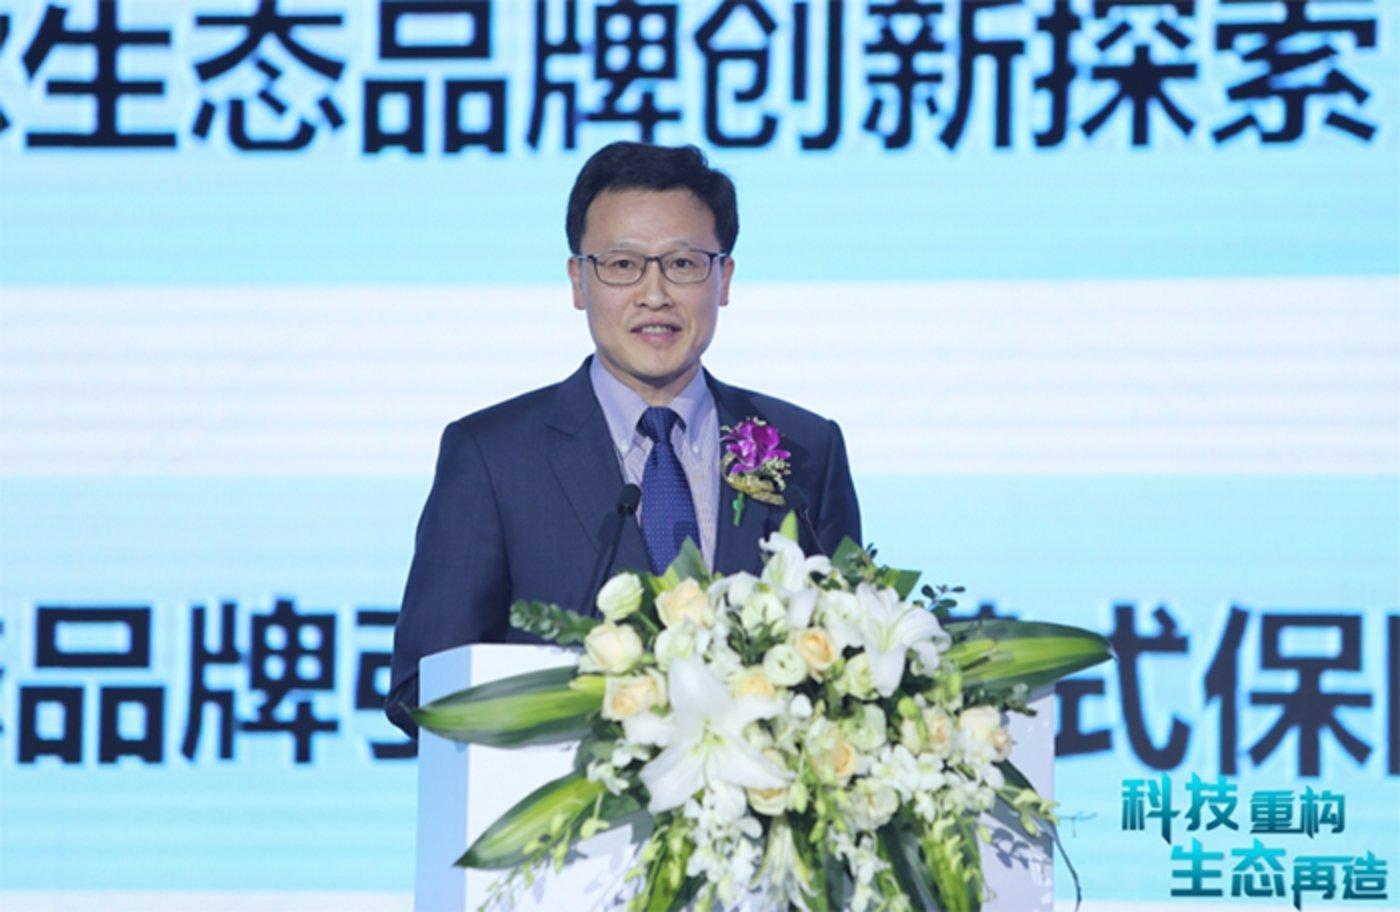 海尔集团董事局副主席、执行总裁 梁海山先生